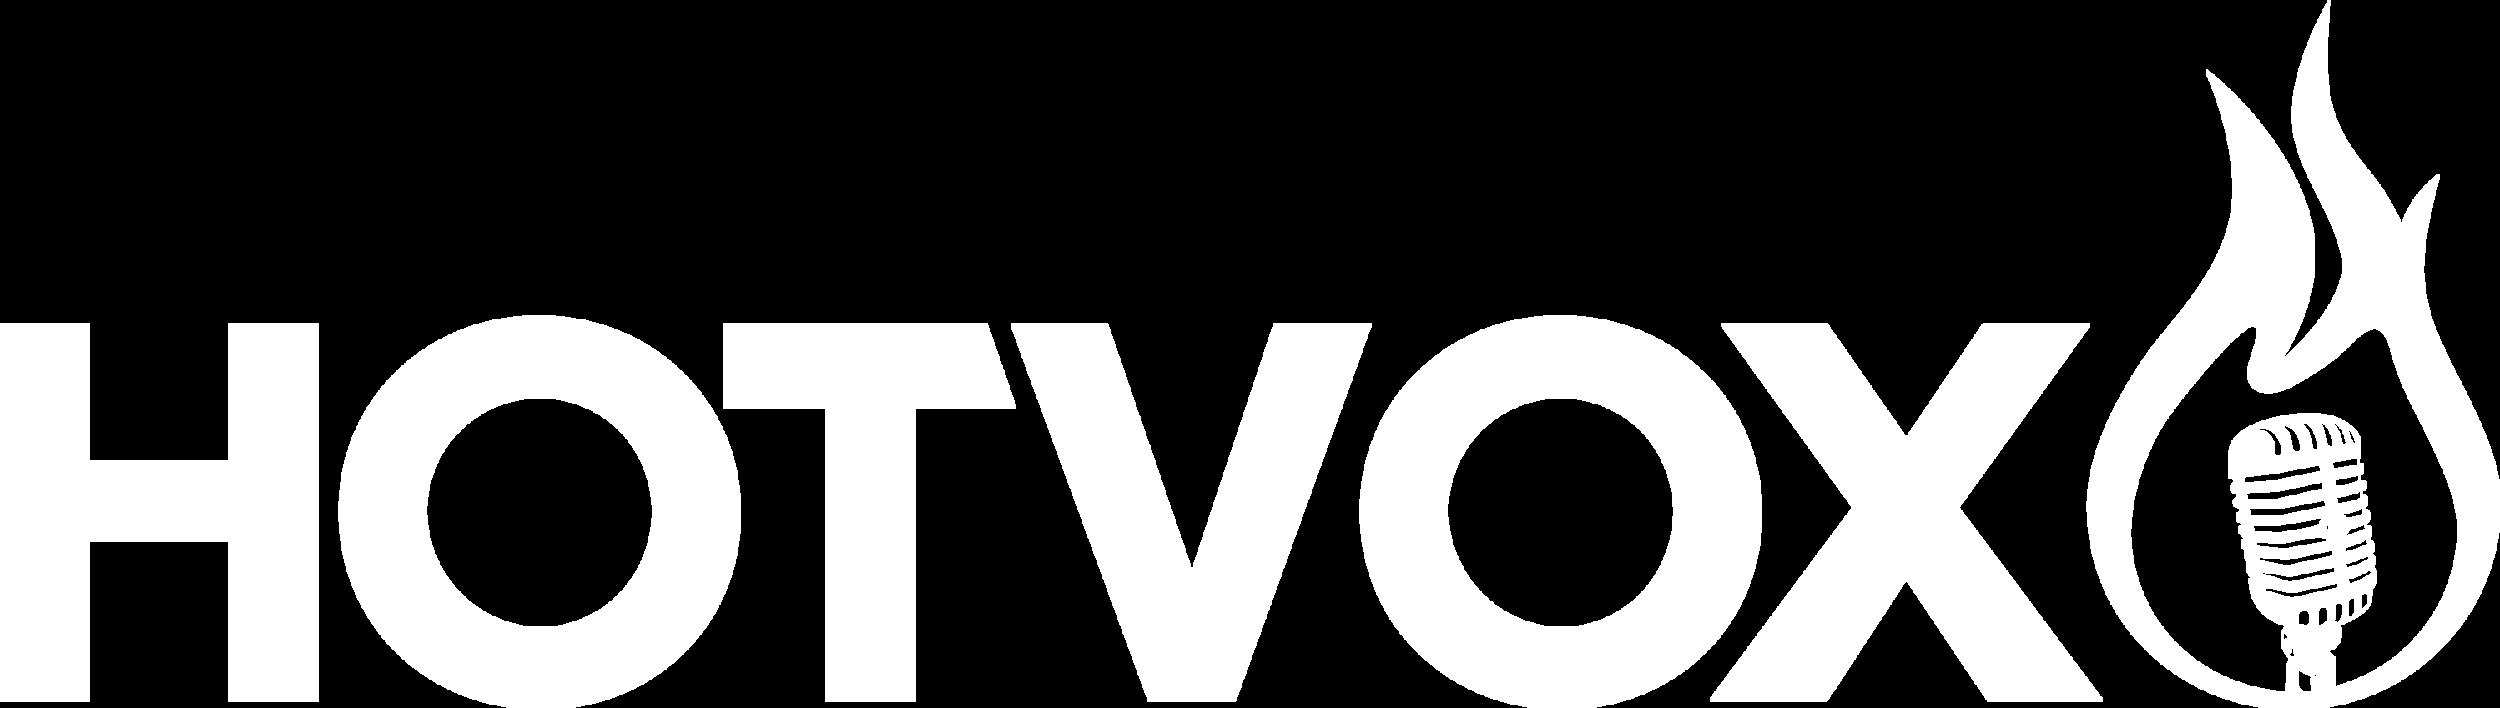 Hot_vox_Logo_white.png